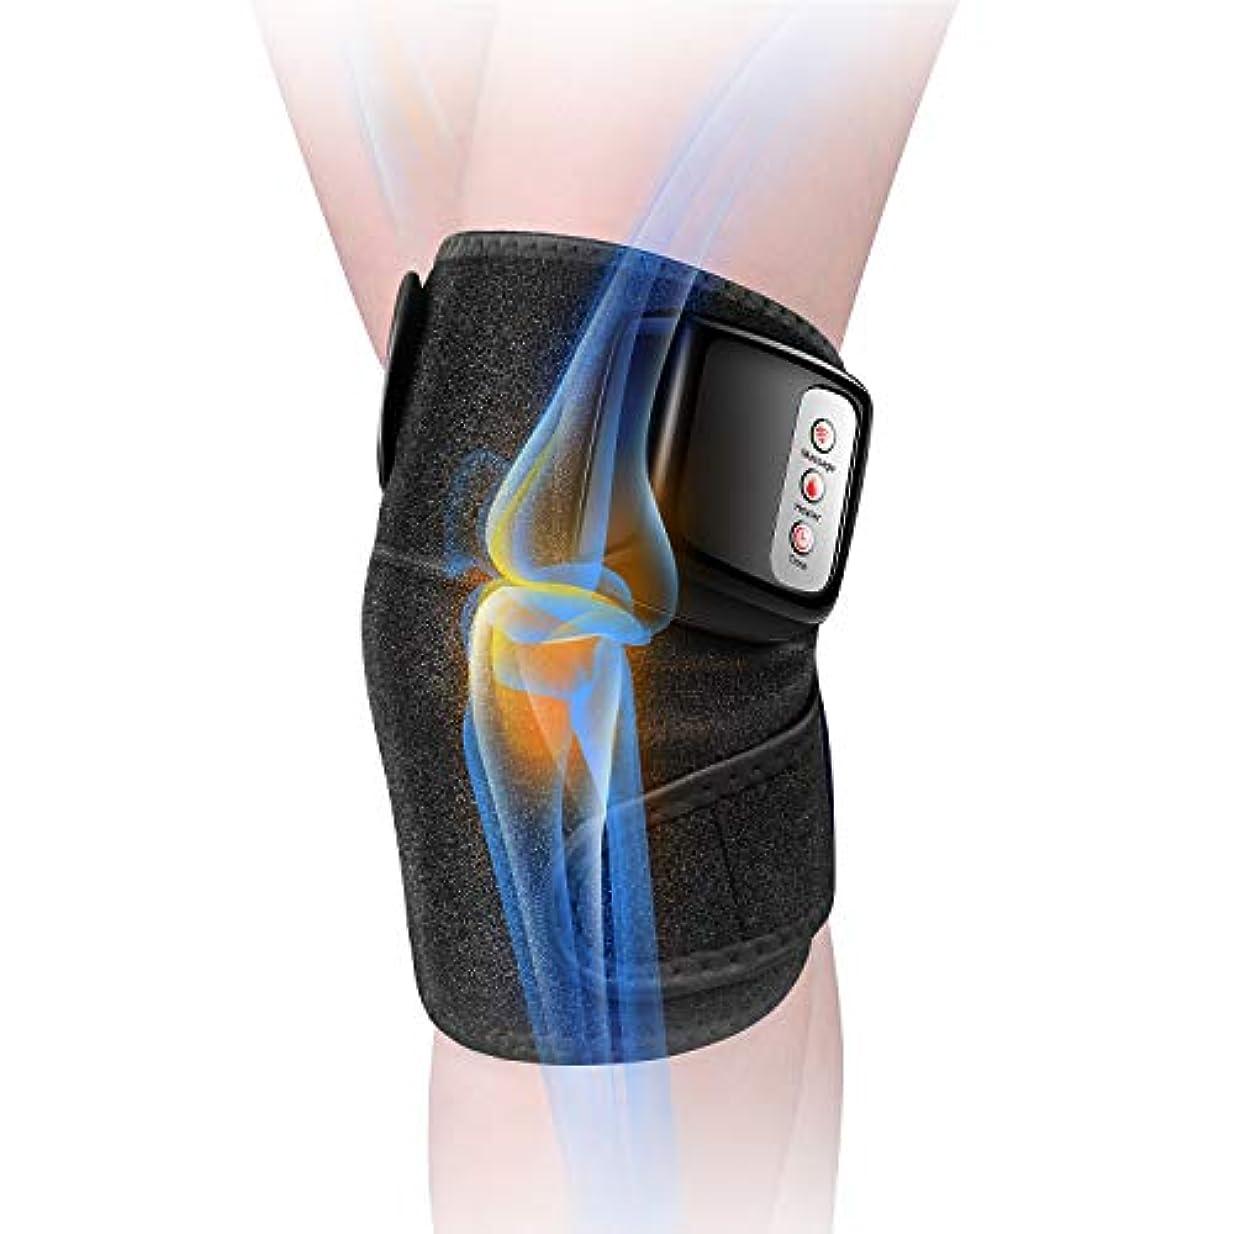 稼ぐ気候の山膨らませる膝マッサージャー 関節マッサージャー マッサージ器 フットマッサージャー 振動 赤外線療法 温熱療法 膝サポーター ストレス解消 肩 太もも/腕対応